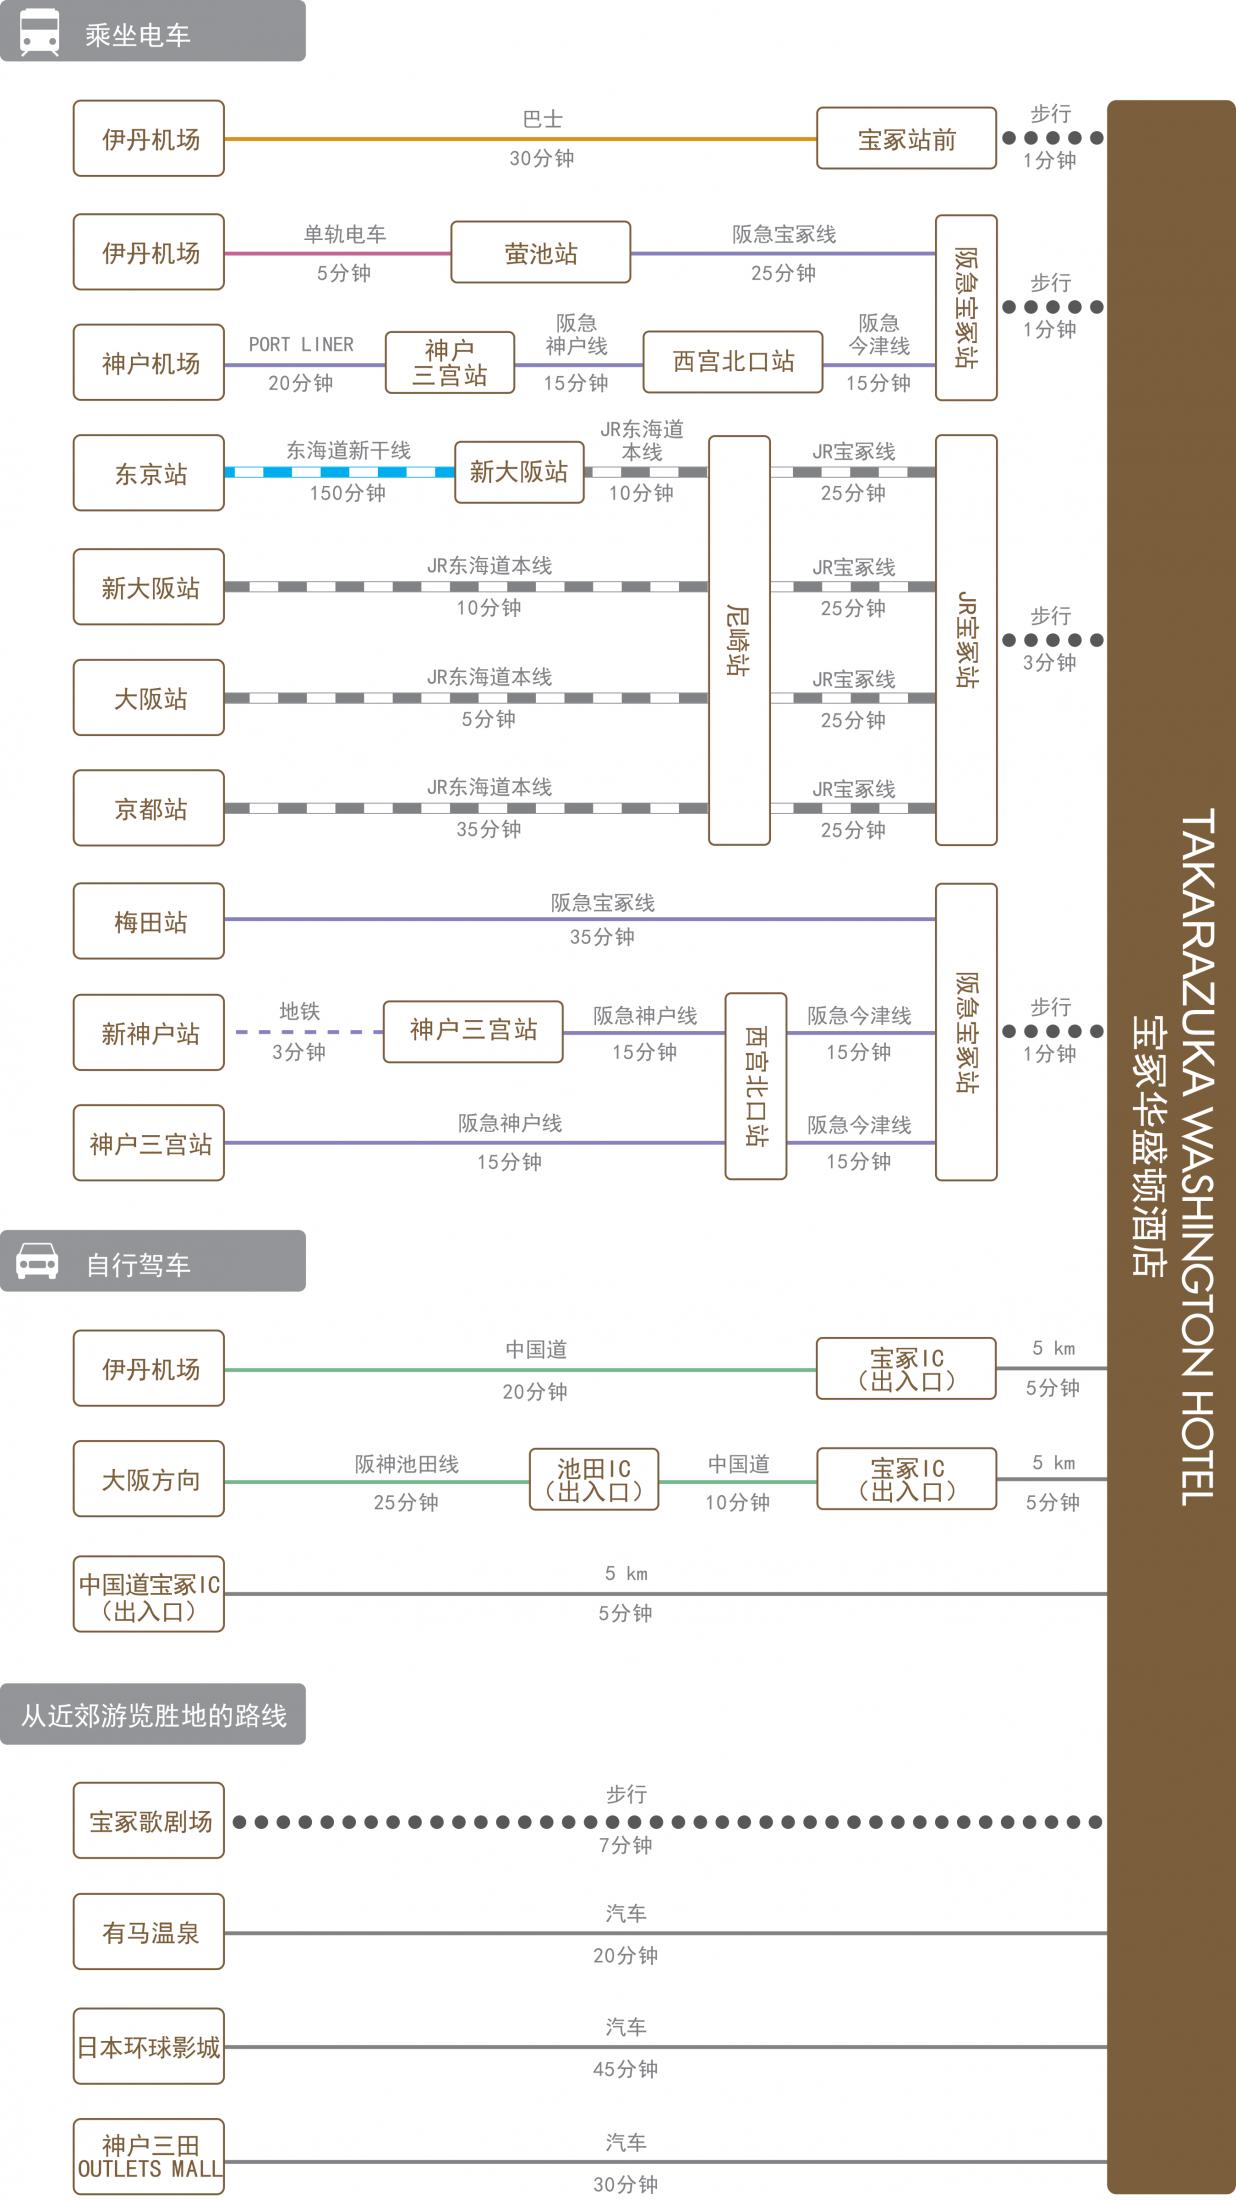 chart_zh-cn_takarazuka_wh